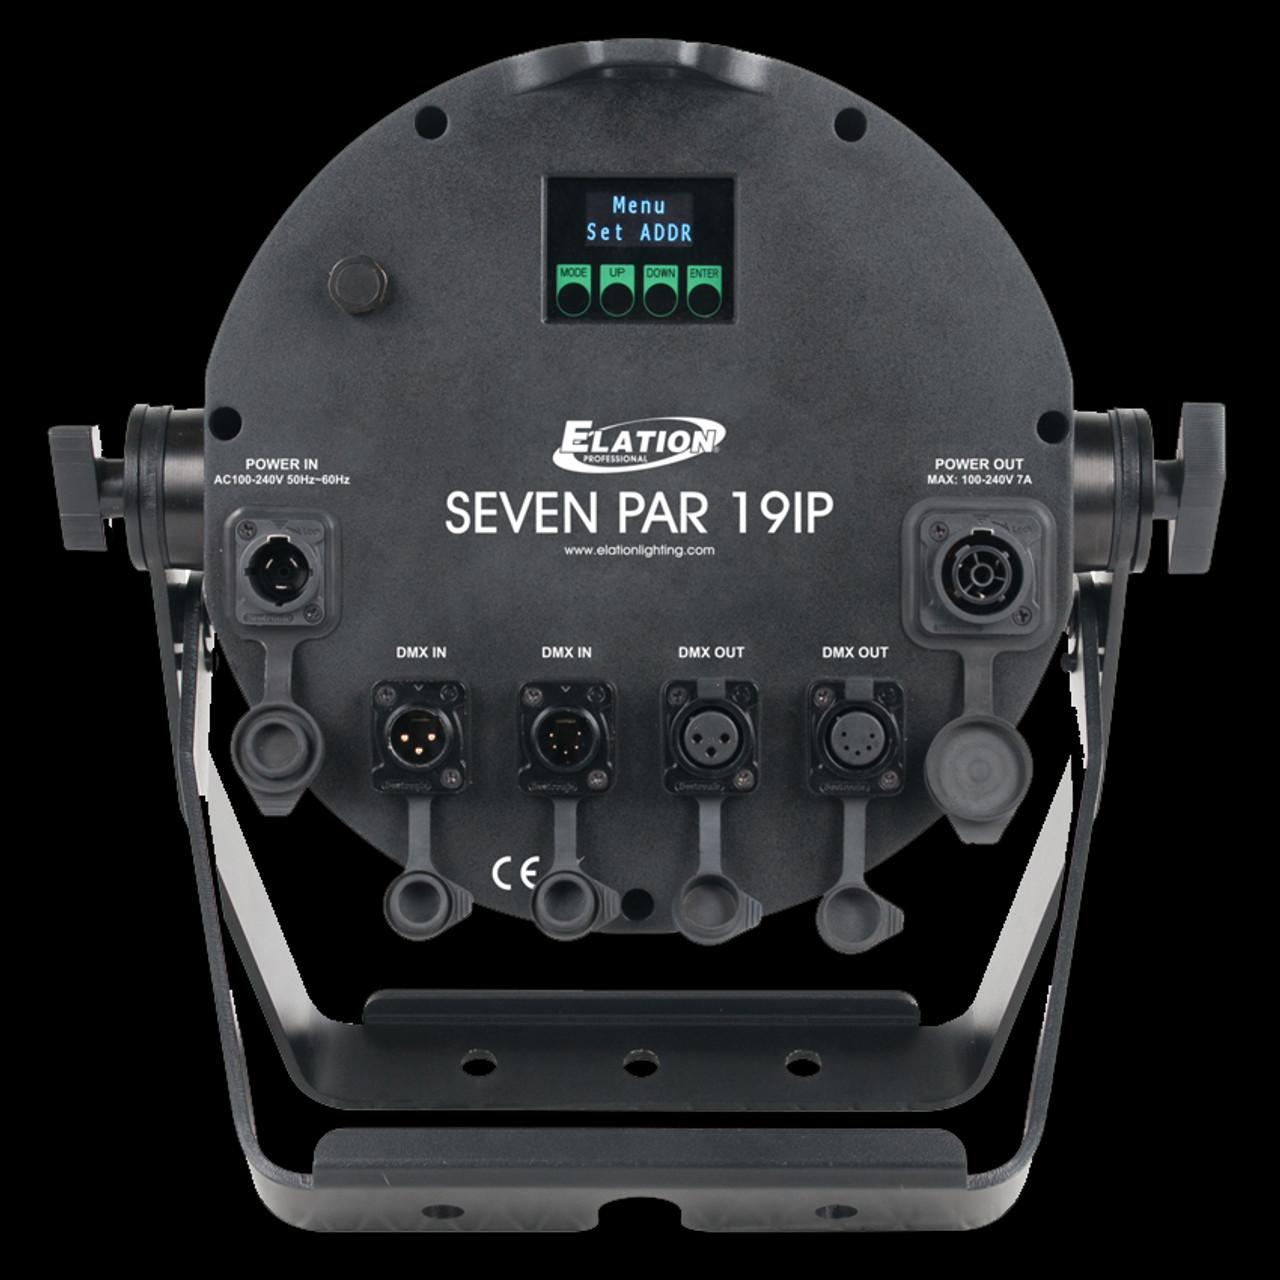 Elation SEVEN PAR 19IP IP65 Outdoor LED Par Can Wash Light